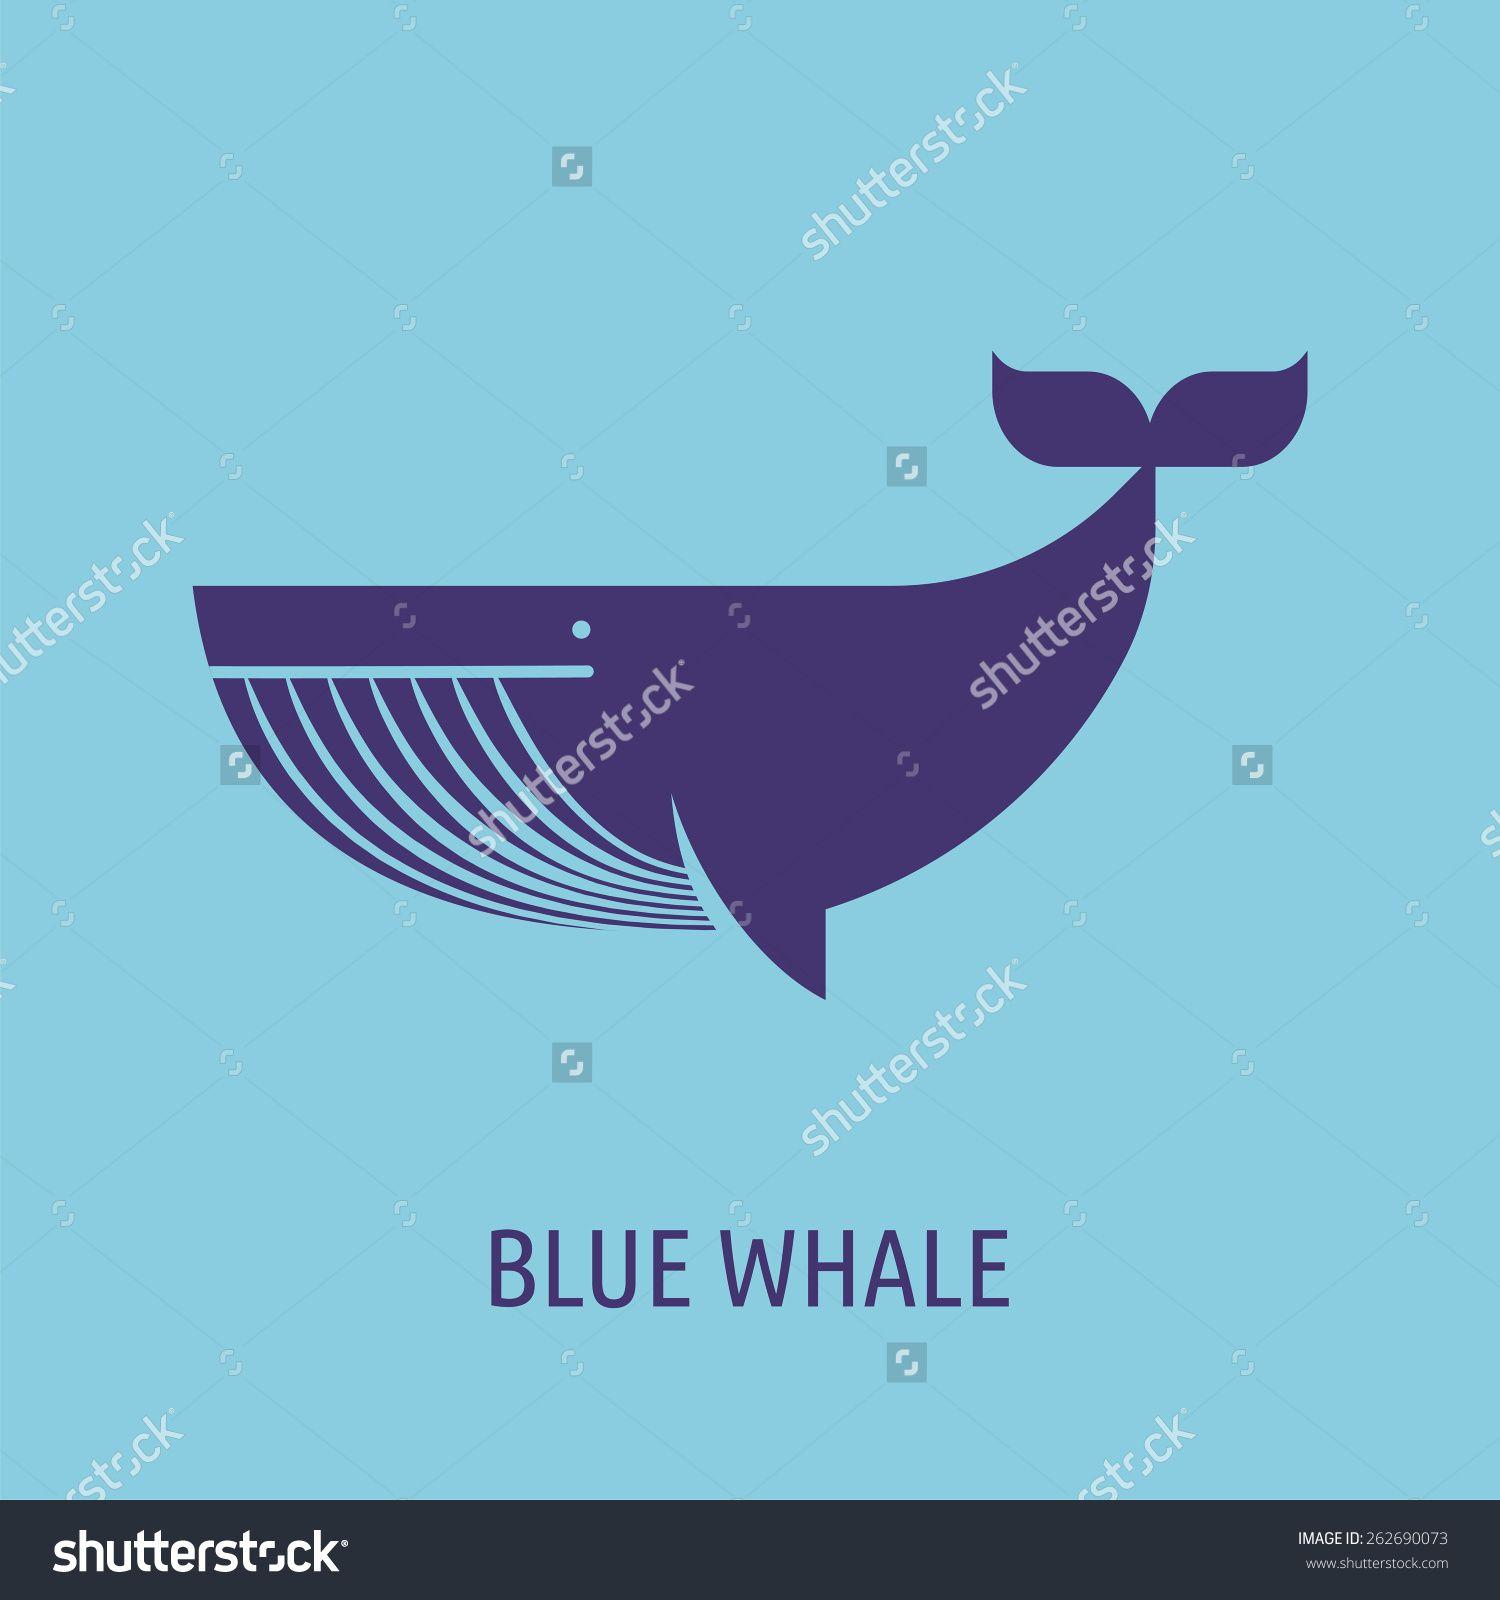 Vecteur clipart de main sur 201 cologie conscience image concept - Vector Whale Illustration And Icon